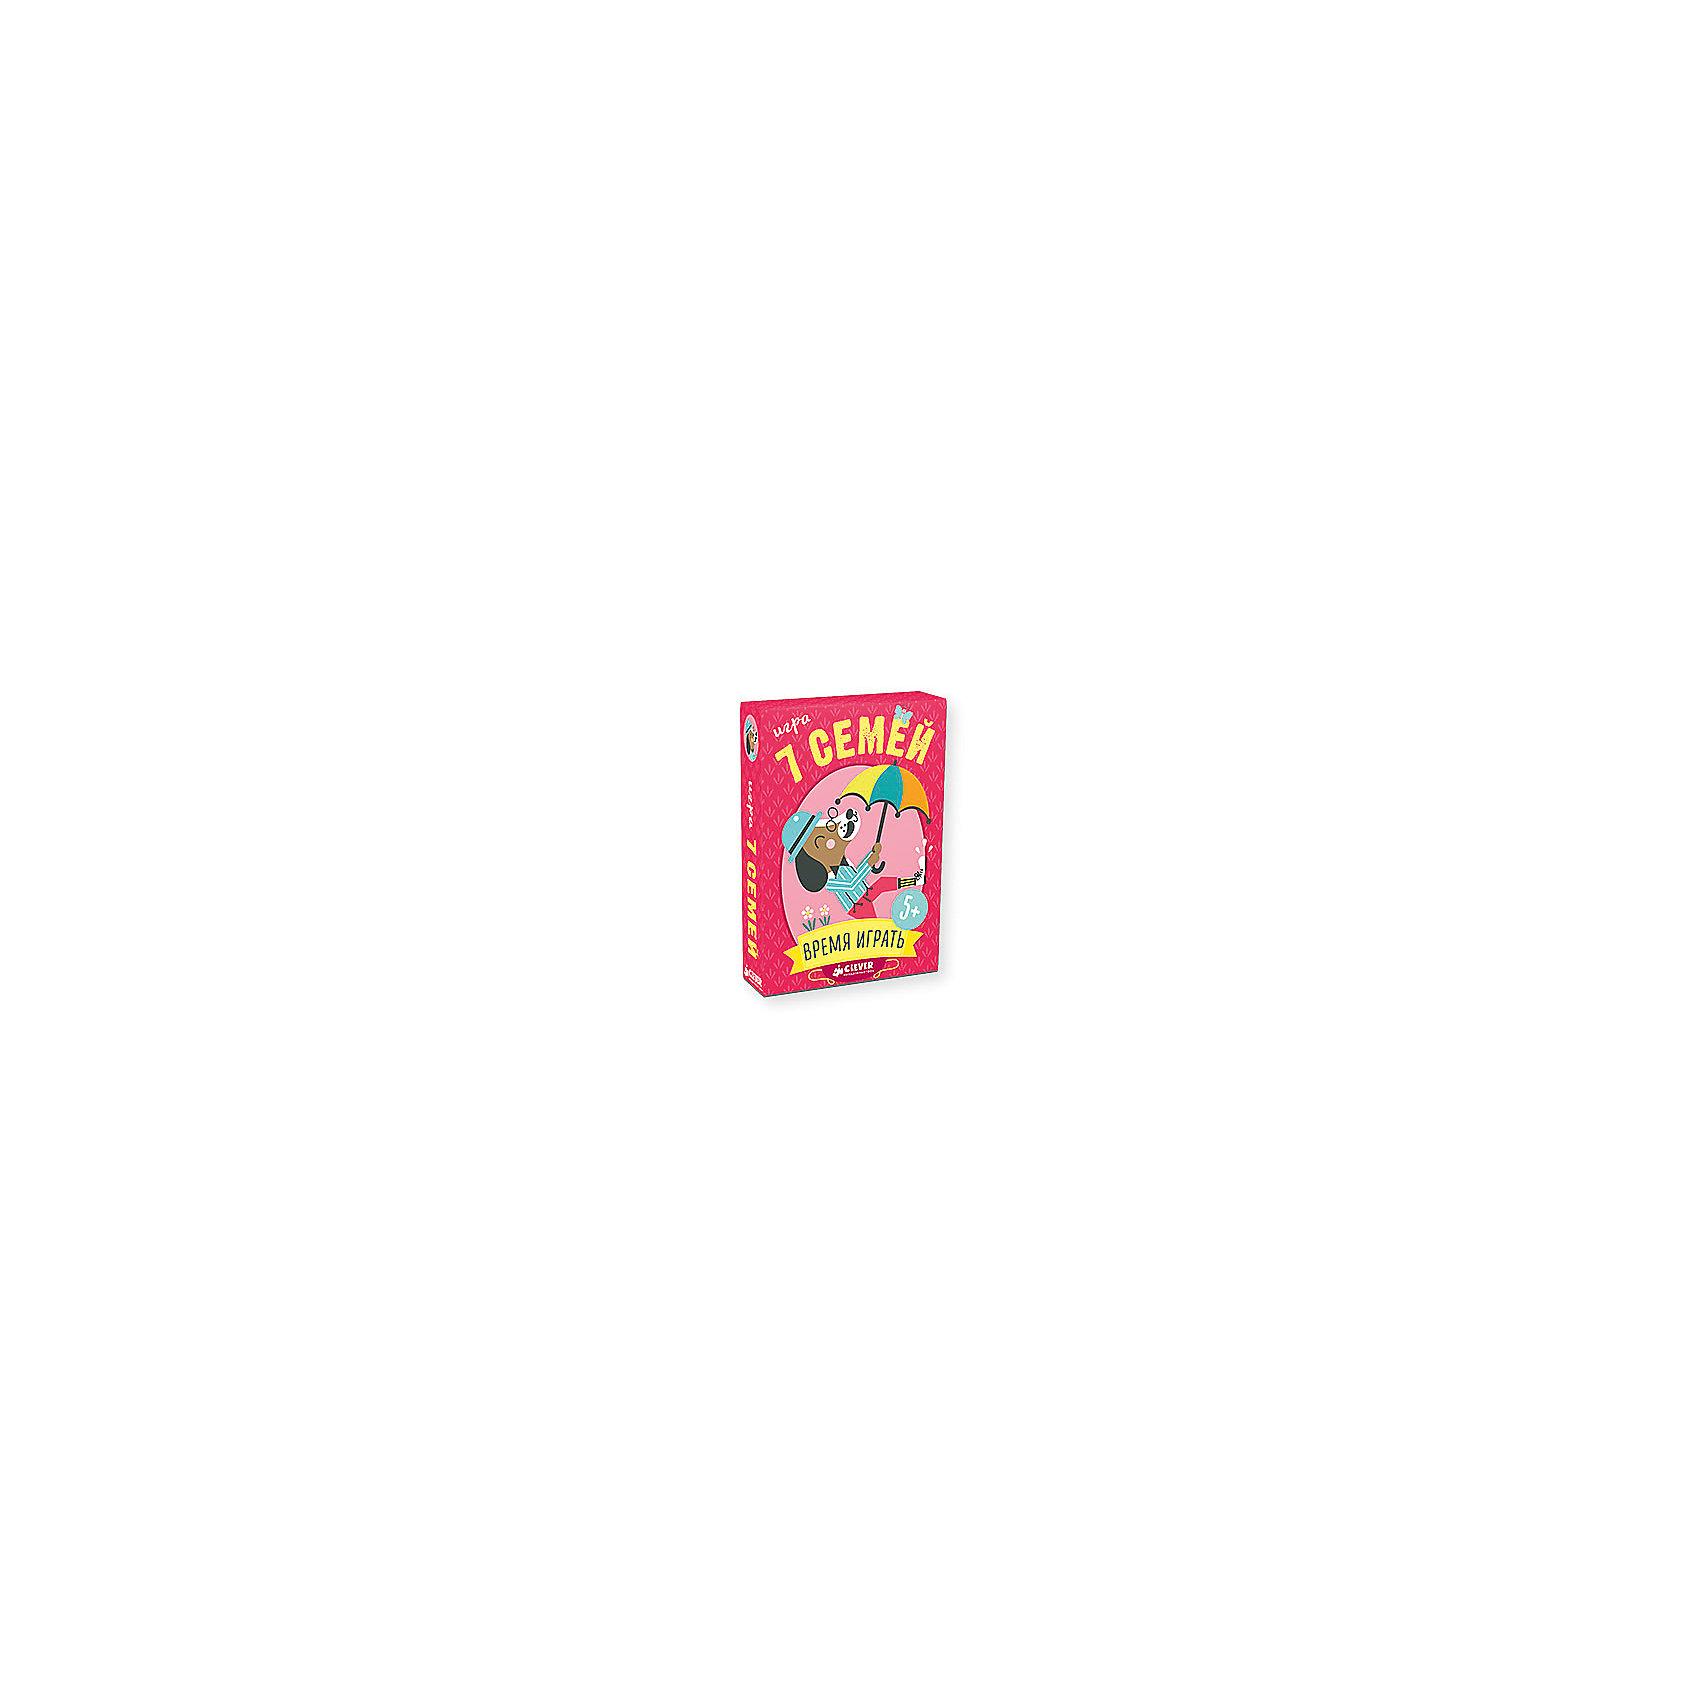 Игра 7 семей, Время играть!Развивающие игры<br>Характеристики:<br><br>• Вид игр: обучающие, развивающие<br>• Серия: Настольные игры<br>• Пол: универсальный<br>• Количество игроков: от 2-х до 5-ти человек<br>• Длительность сеанса: до 30 минут<br>• Материал: мелованная бумага, картон<br>• Комплектация: 35 карт, инструкция с правилами и вариантами игры<br>• Предусмотрено несколько вариантов игр<br>• Размеры упаковки (Д*Ш*В): 12,5*2*8,5 см<br>• Компактный размер<br>• Тип упаковки: картонная коробка<br>• Вес в упаковке: 172 г<br><br>Игра 7 семей, Время играть! выпущена отечественным издательством Clever, которое специализируется на выпуске обучающей и развивающей детской литературы. Настольная игра Семь семей предназначена для веселого времяпрепровождения от 2 до 5-ти человек, при этом играть в нее могут как совсем маленькие дети, так и взрослые. Игра состоит из 35 ярких и наглядных карточек. <br><br>Задача игроков заключается в том, чтобы как можно быстрее других игроков собрать всю семью животных в полном составе. Карты можно брать из колоды или меняться с другими игроками. Карты выполнены из мелованной бумаги, изображения животных и надписи выполнены устойчивыми красками, благодаря чему игра прослужит длительное время. Игра 7 семей, Время играть! направлена на развитие памяти и внимательности. Настольная игра имеет компактные размер, поэтому ее удобно брать с собой в поездки и путешествия.<br><br>Игру 7 семей, Время играть! можно купить в нашем интернет-магазине.<br><br>Ширина мм: 125<br>Глубина мм: 85<br>Высота мм: 20<br>Вес г: 172<br>Возраст от месяцев: 84<br>Возраст до месяцев: 132<br>Пол: Унисекс<br>Возраст: Детский<br>SKU: 5348092